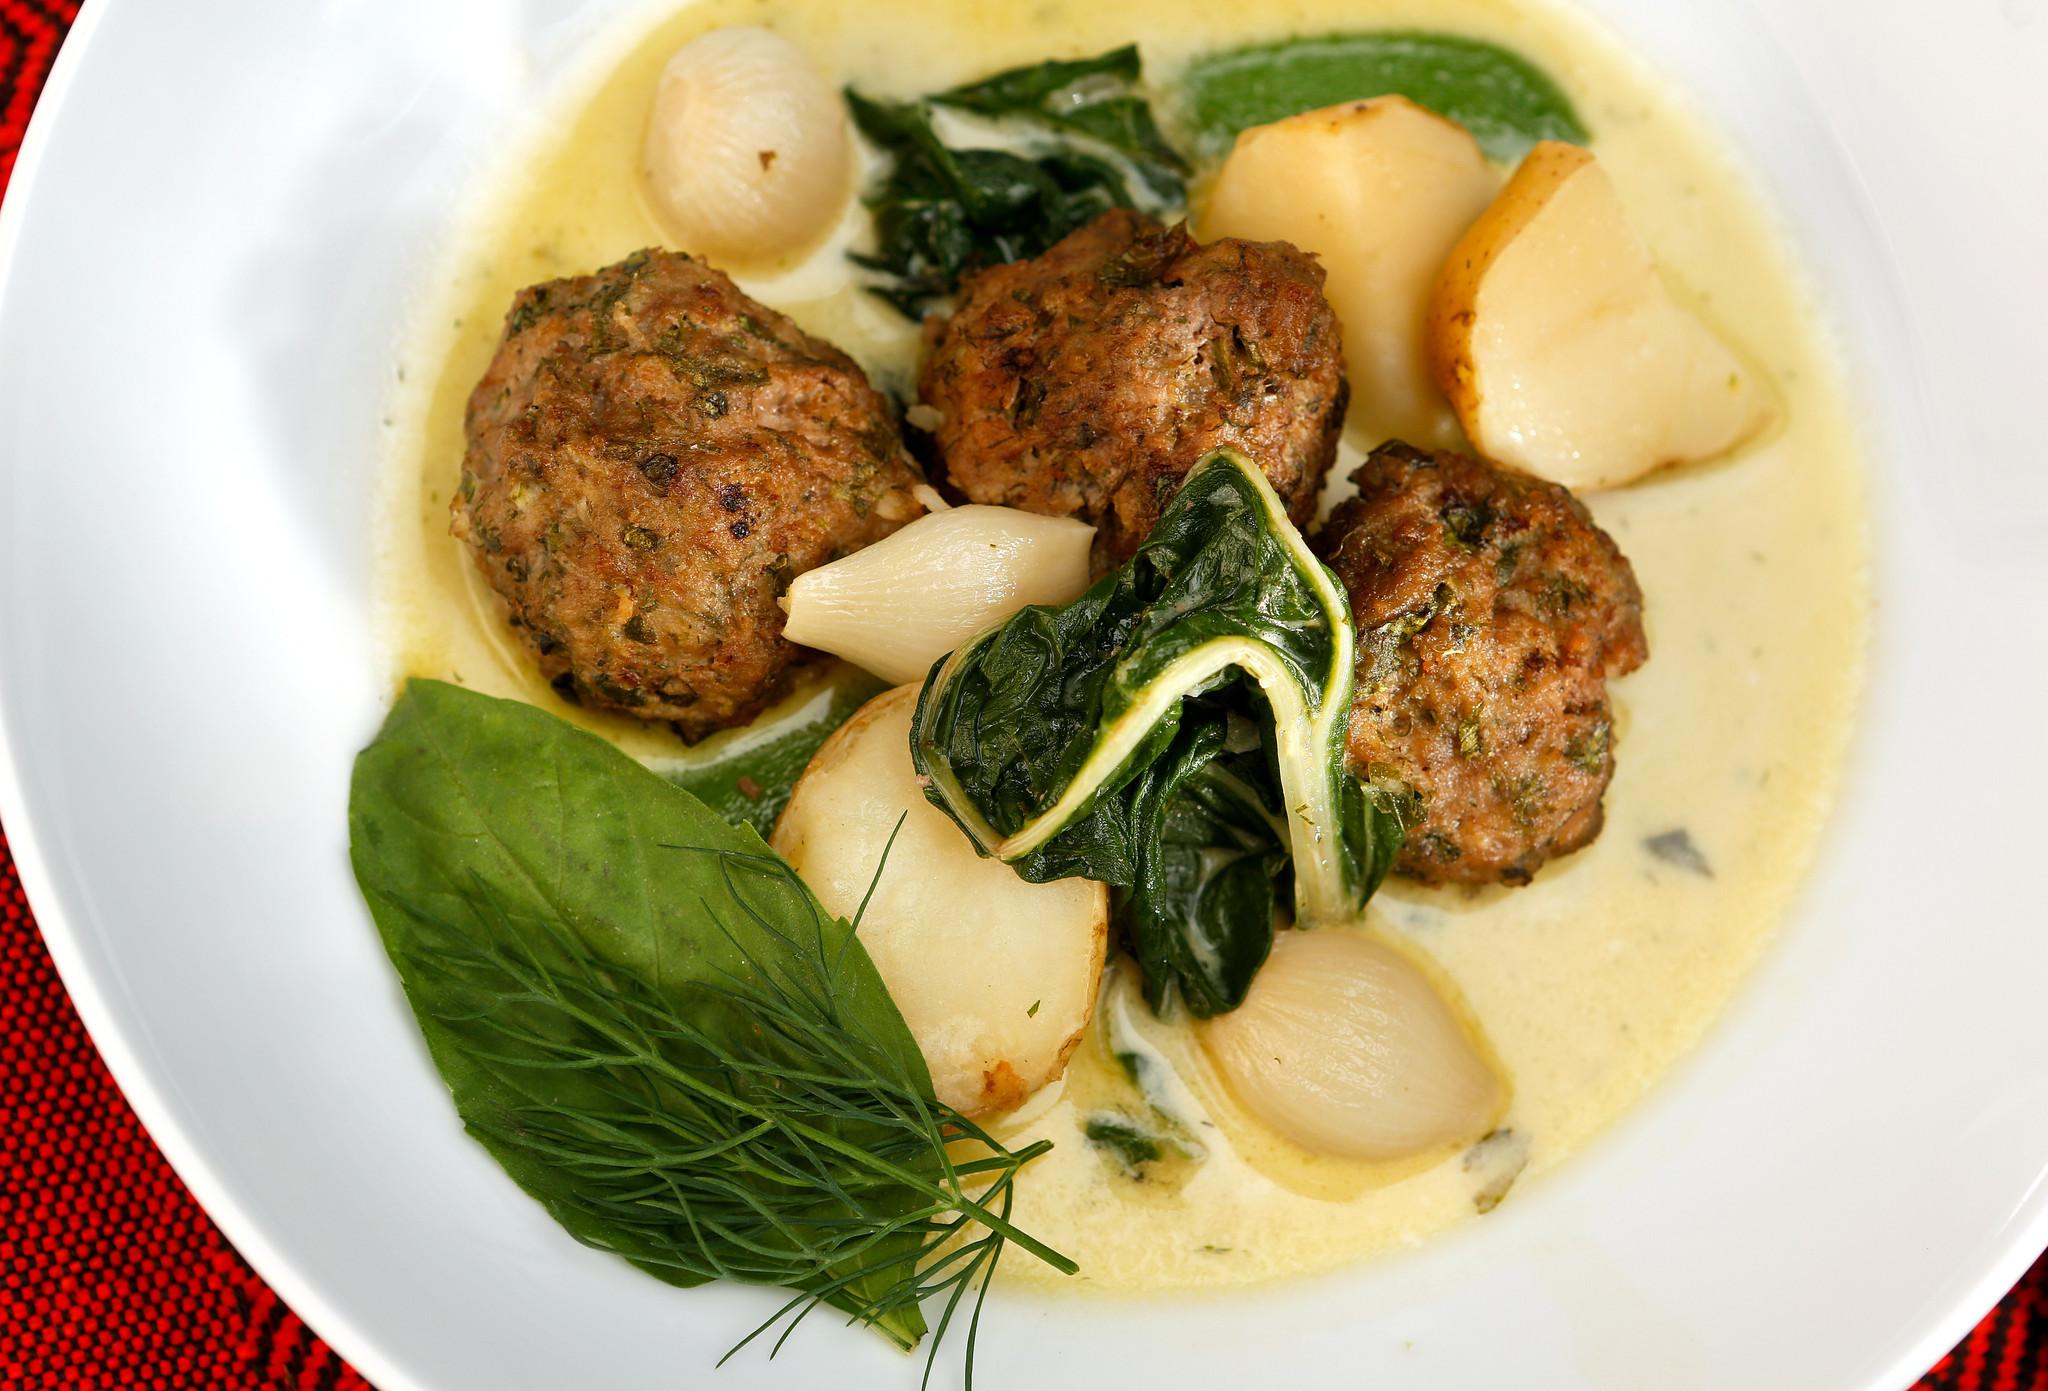 Meatball haslama with tahini liaison. Recipe: Meatball haslama with tahini liaison.